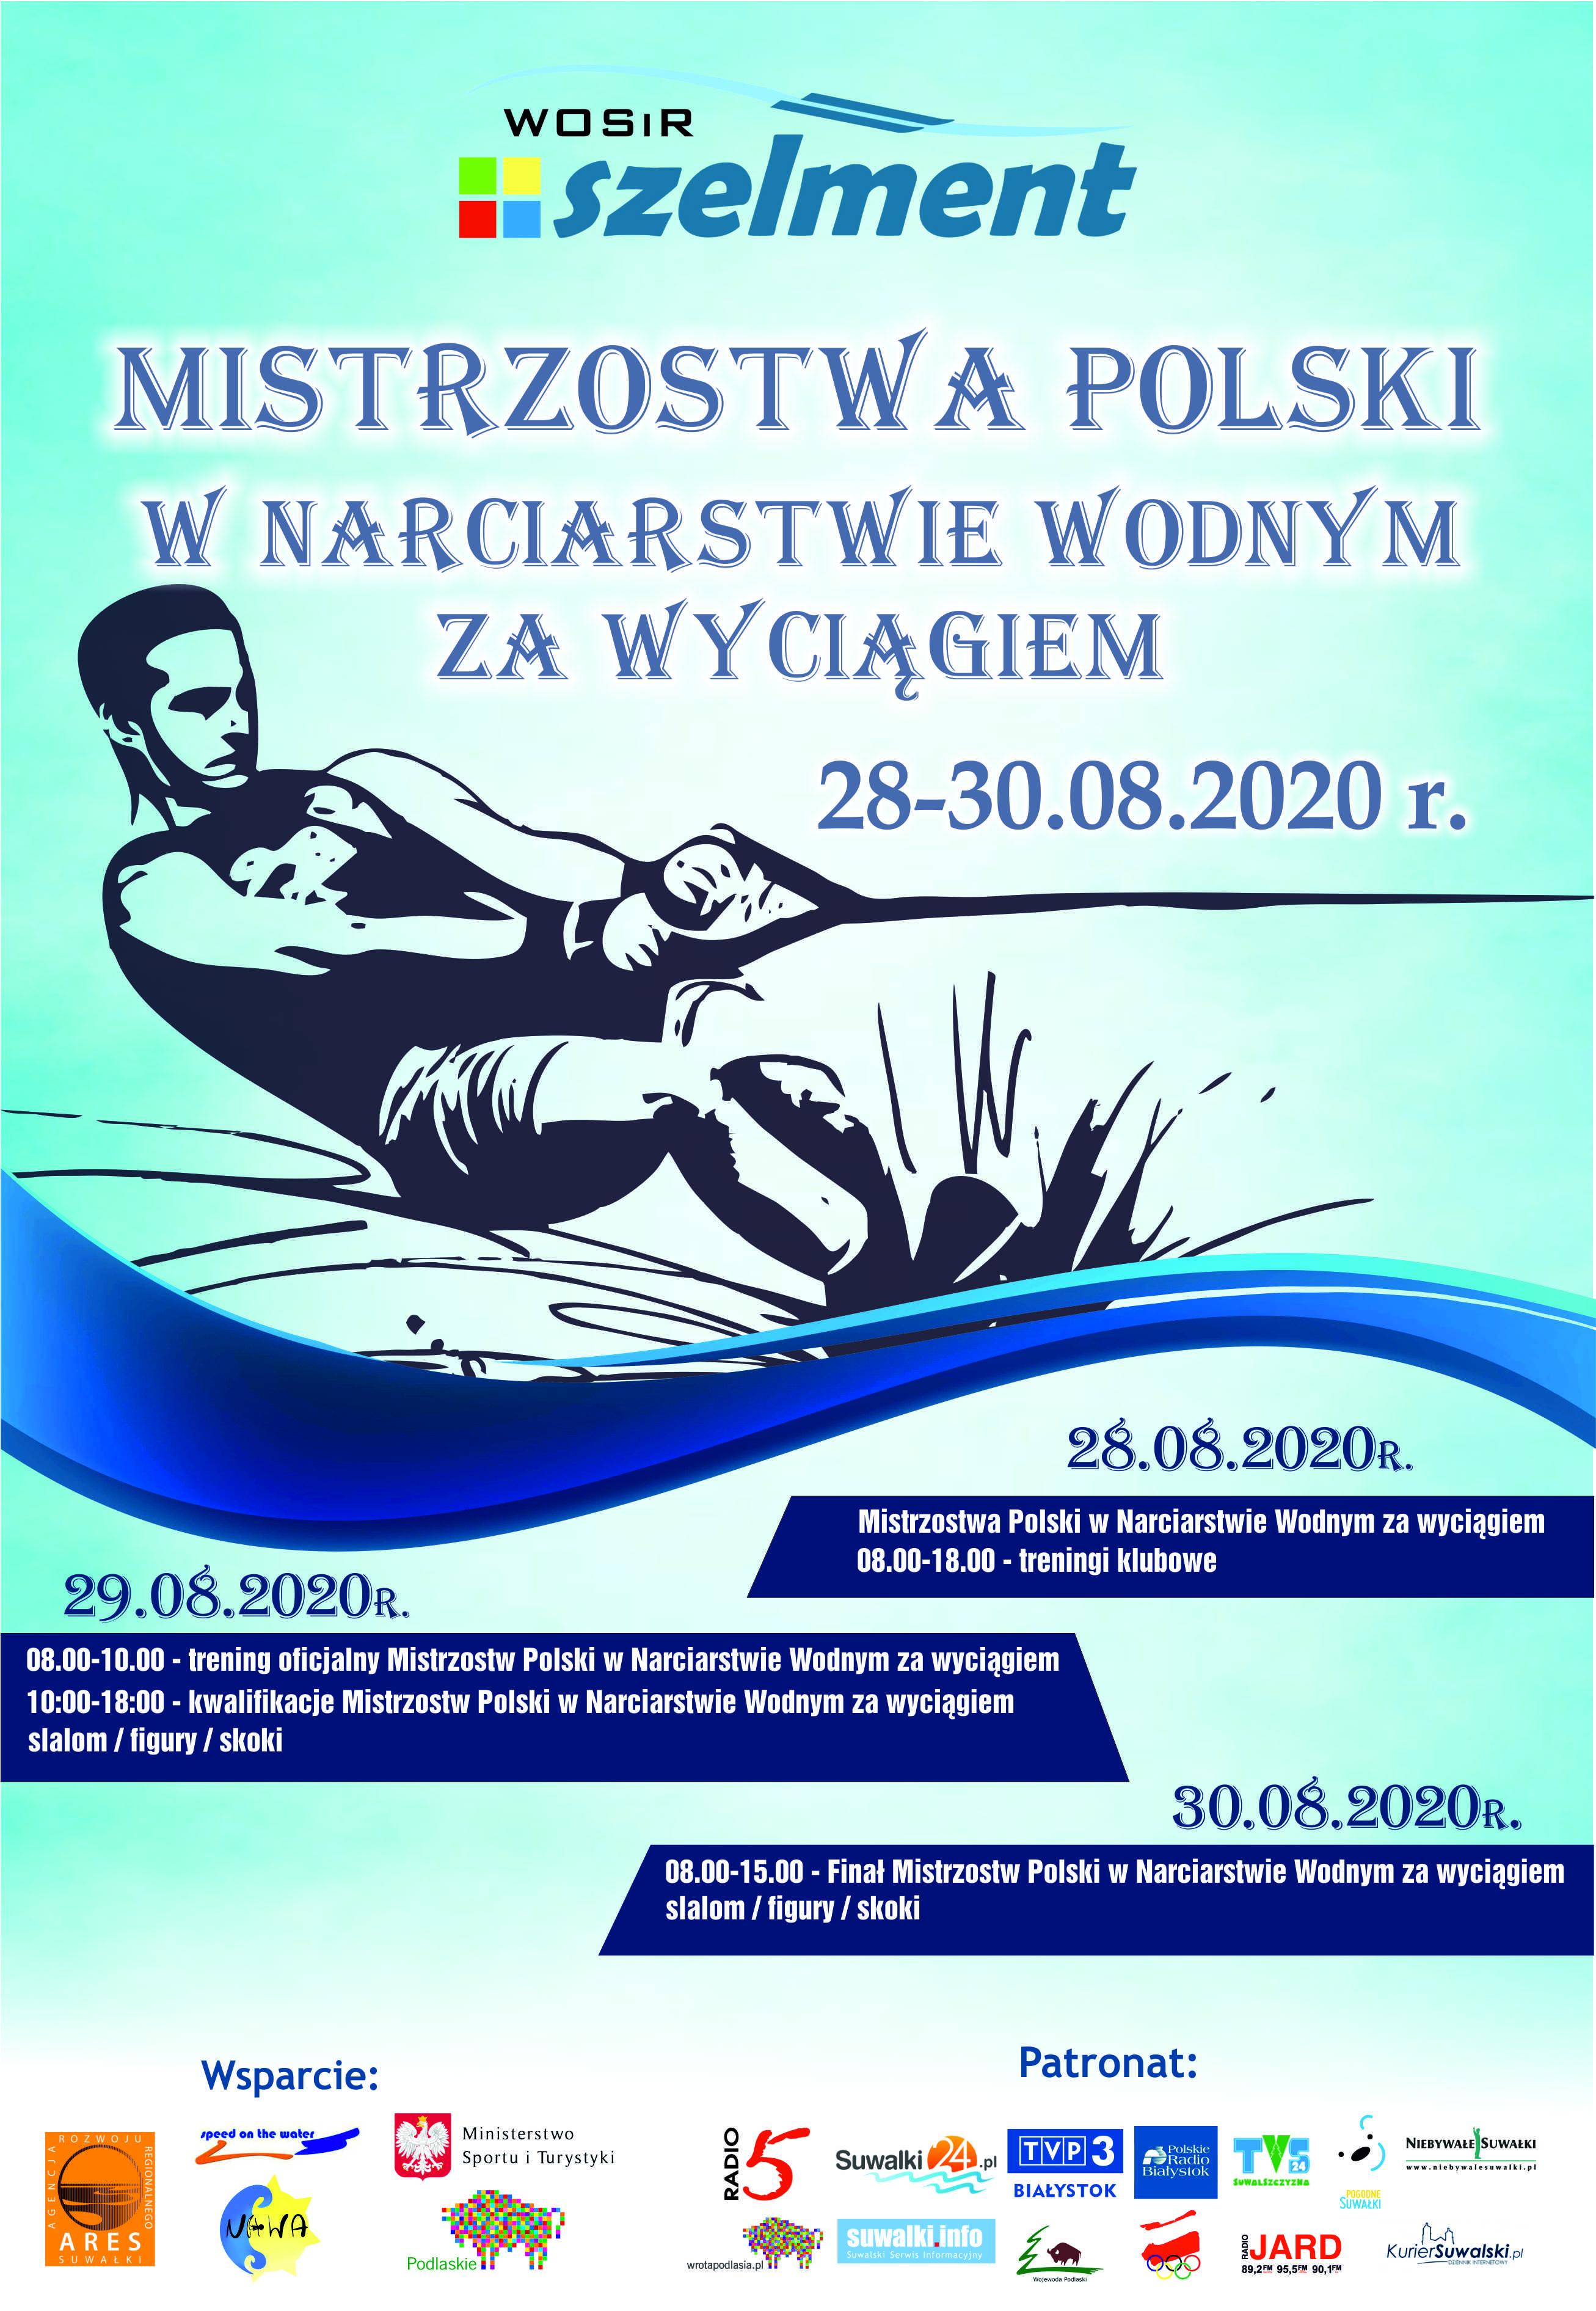 MISTRZOSTWA POLSKI W NARCIARSTWIE WODNYM ZA WYCIĄGIEM 28-30.08.2020 r.